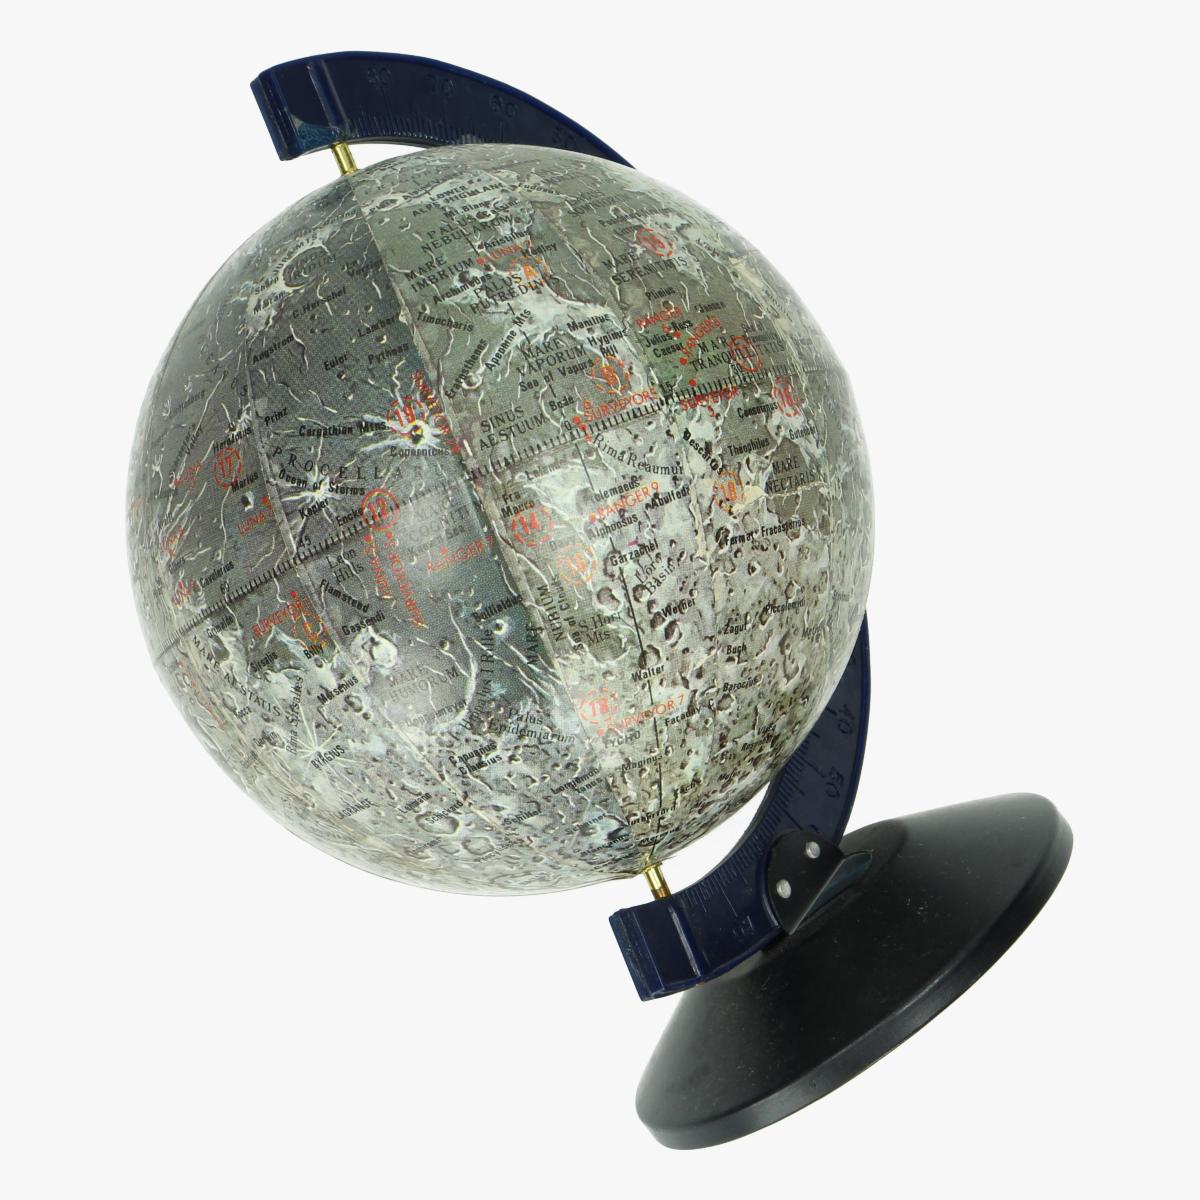 Afbeeldingen van Apollo Maan bol - Moon Flights Globe